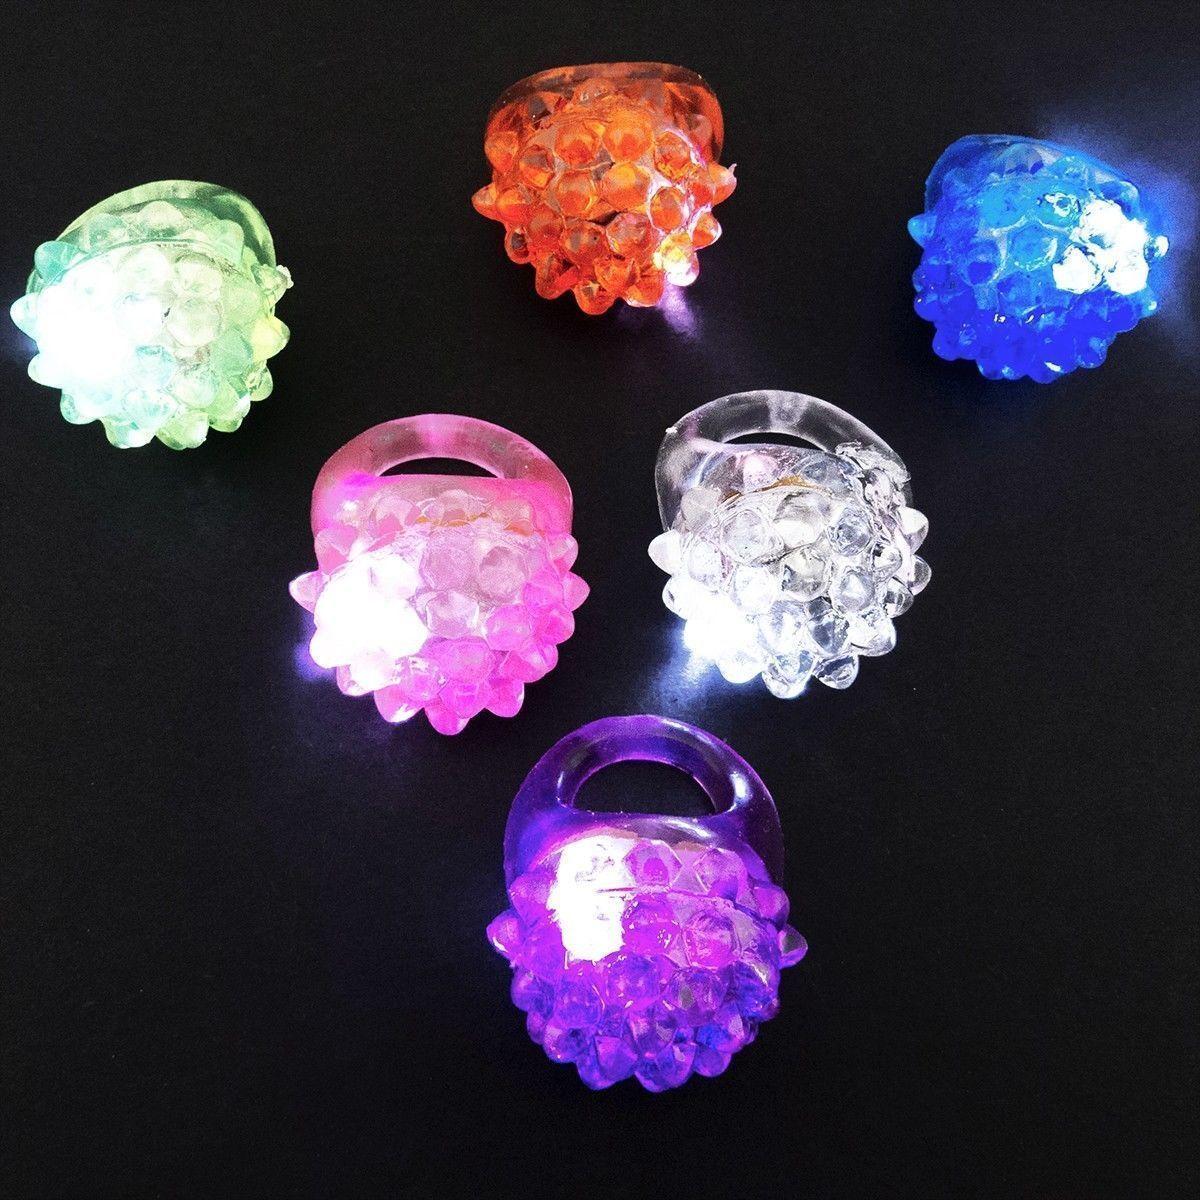 108 pièces Light-Up DEL Jelly Bumpy Anneaux clignotant bulle Rave Party Favors EDM nouveau